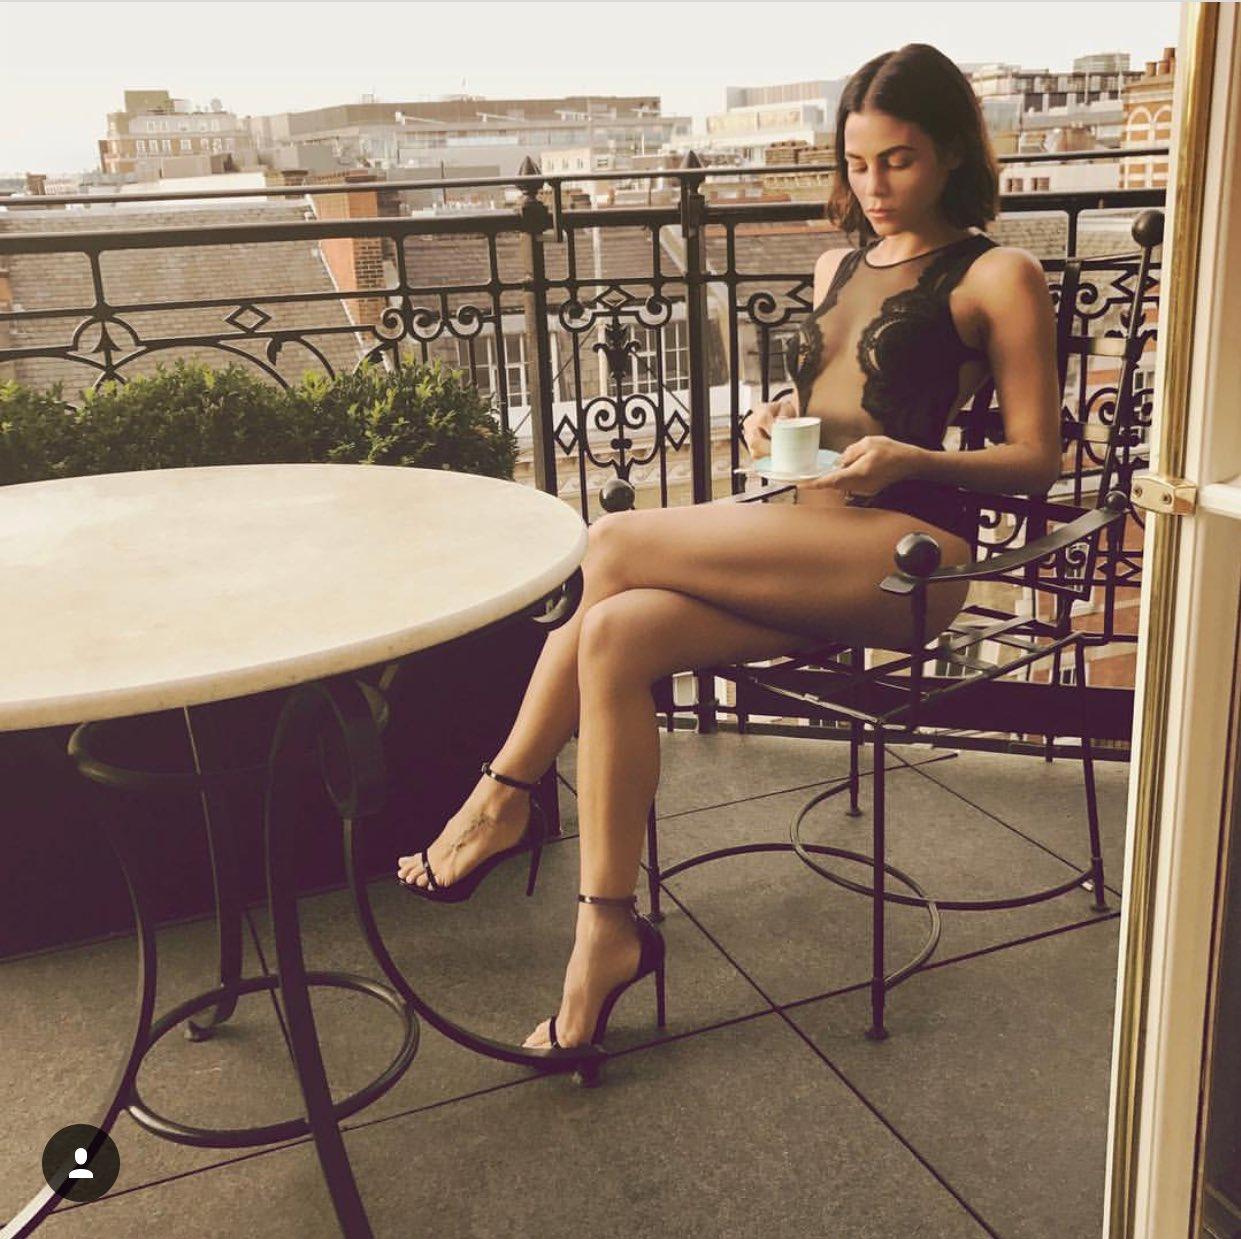 Hot Jenna Dewan nude (22 photos), Ass, Bikini, Boobs, bra 2017